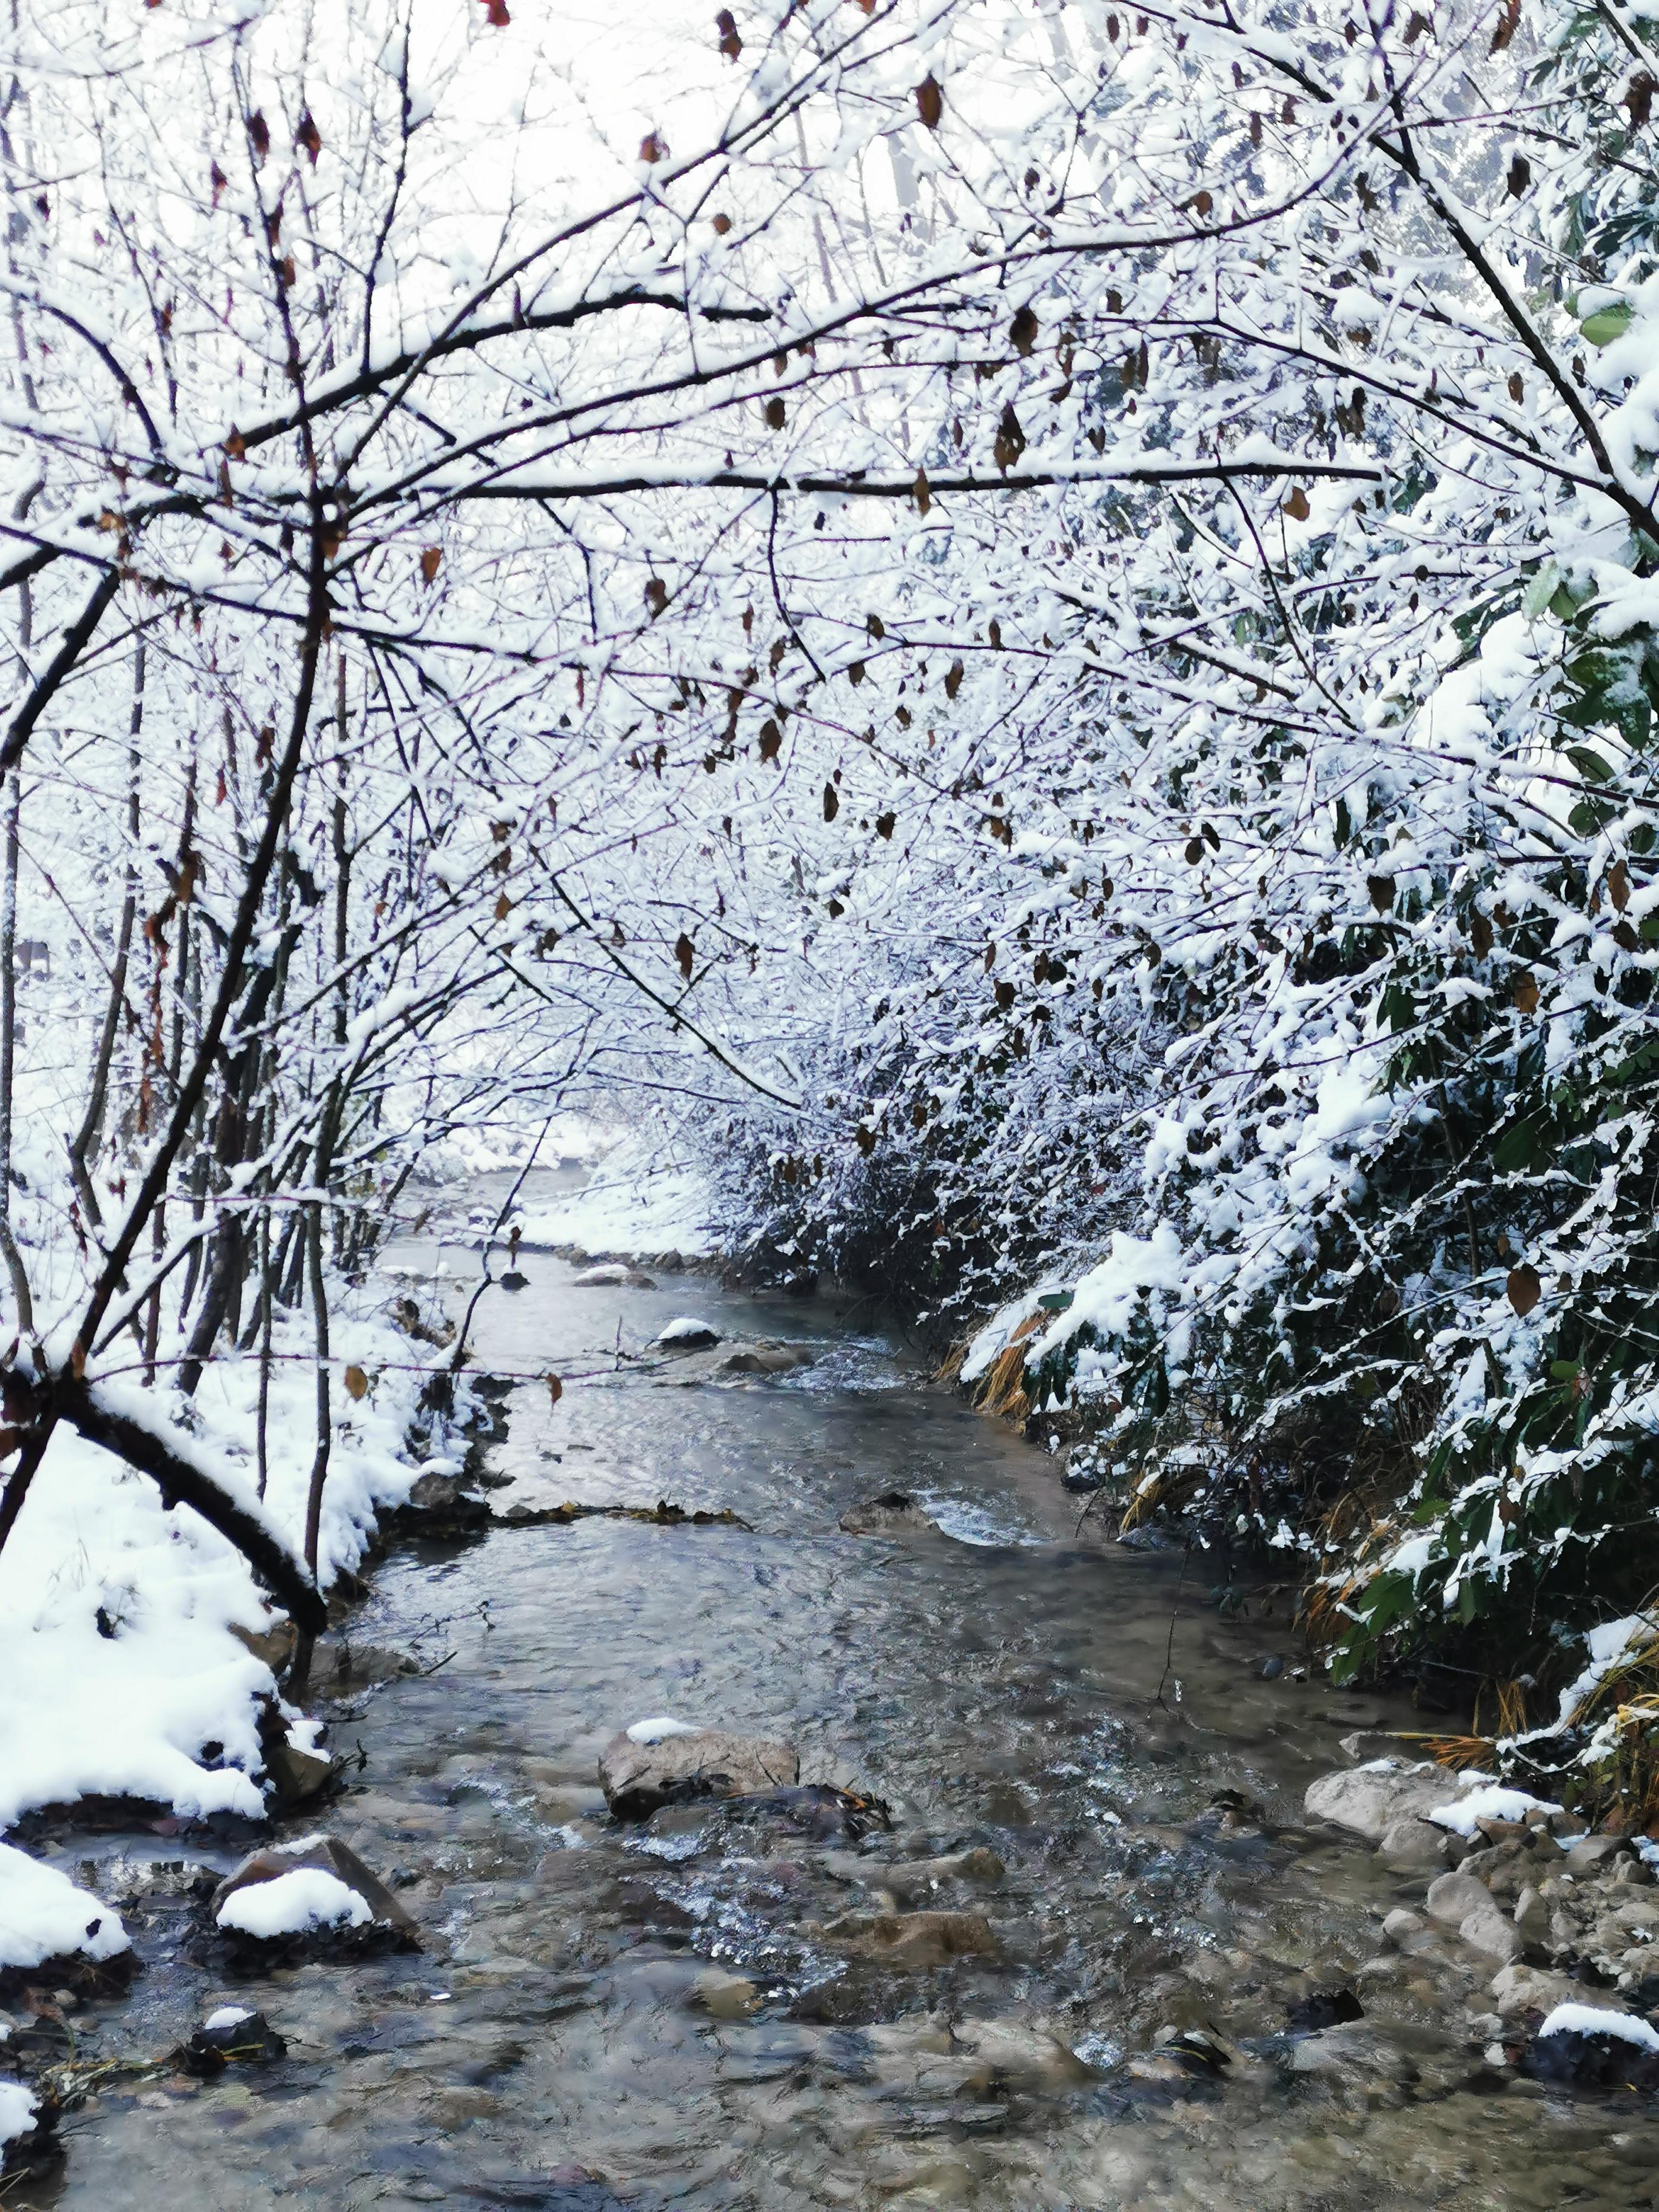 L'étang de la Tourne - la rivière 'La Tourne' qui borde le jardin